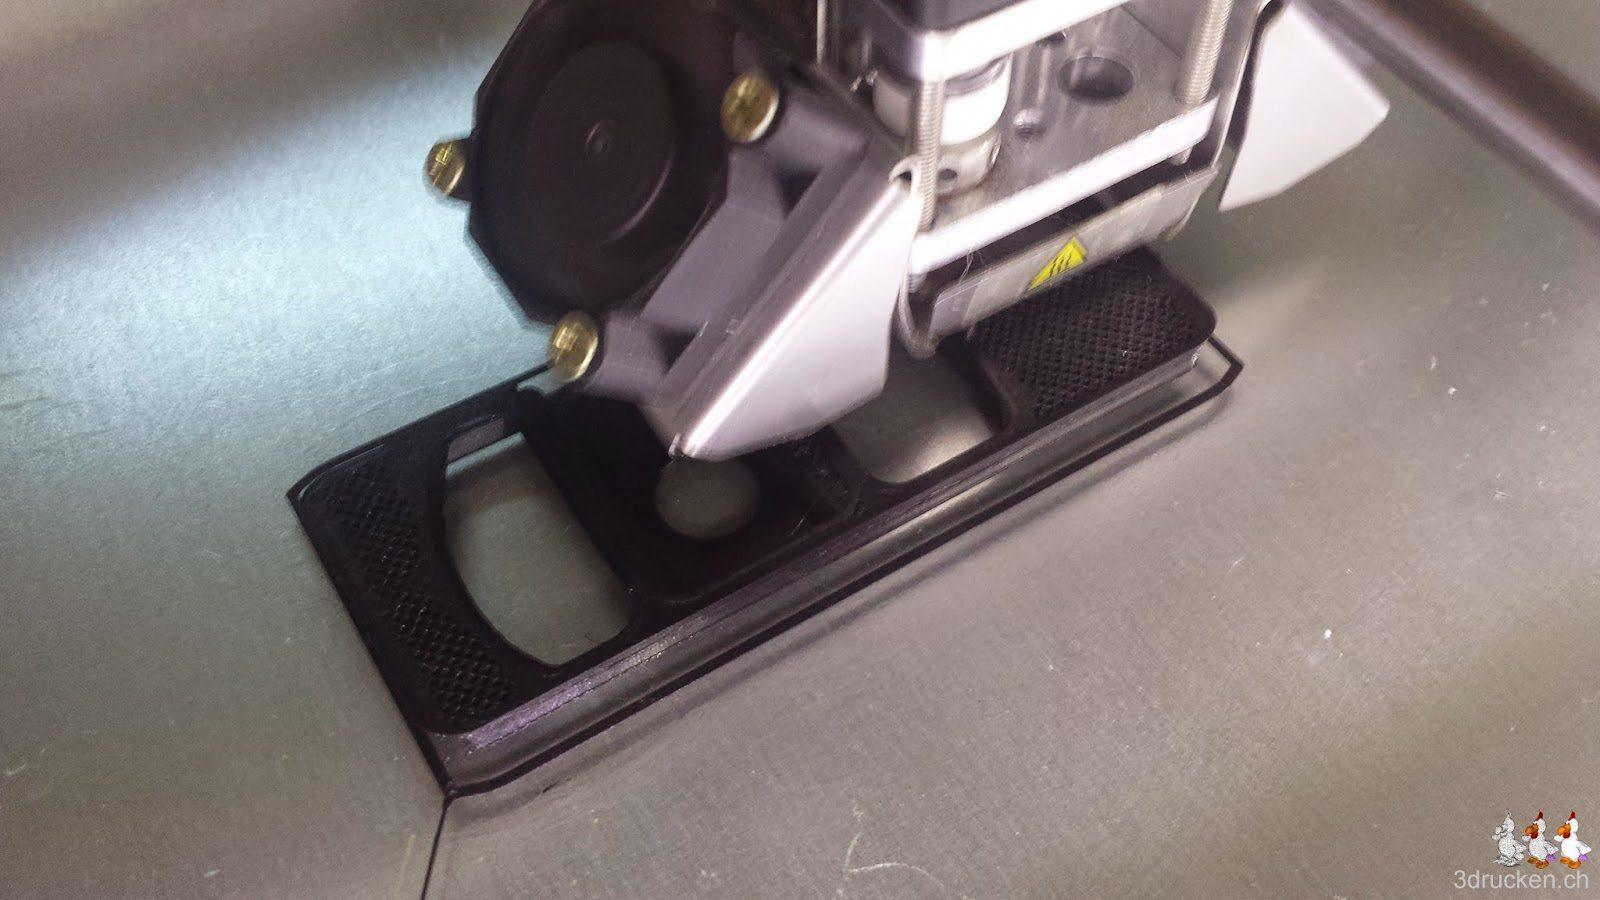 Foto des Drucks eines alternativen Lüftergehäuses für den Ultimaker 2